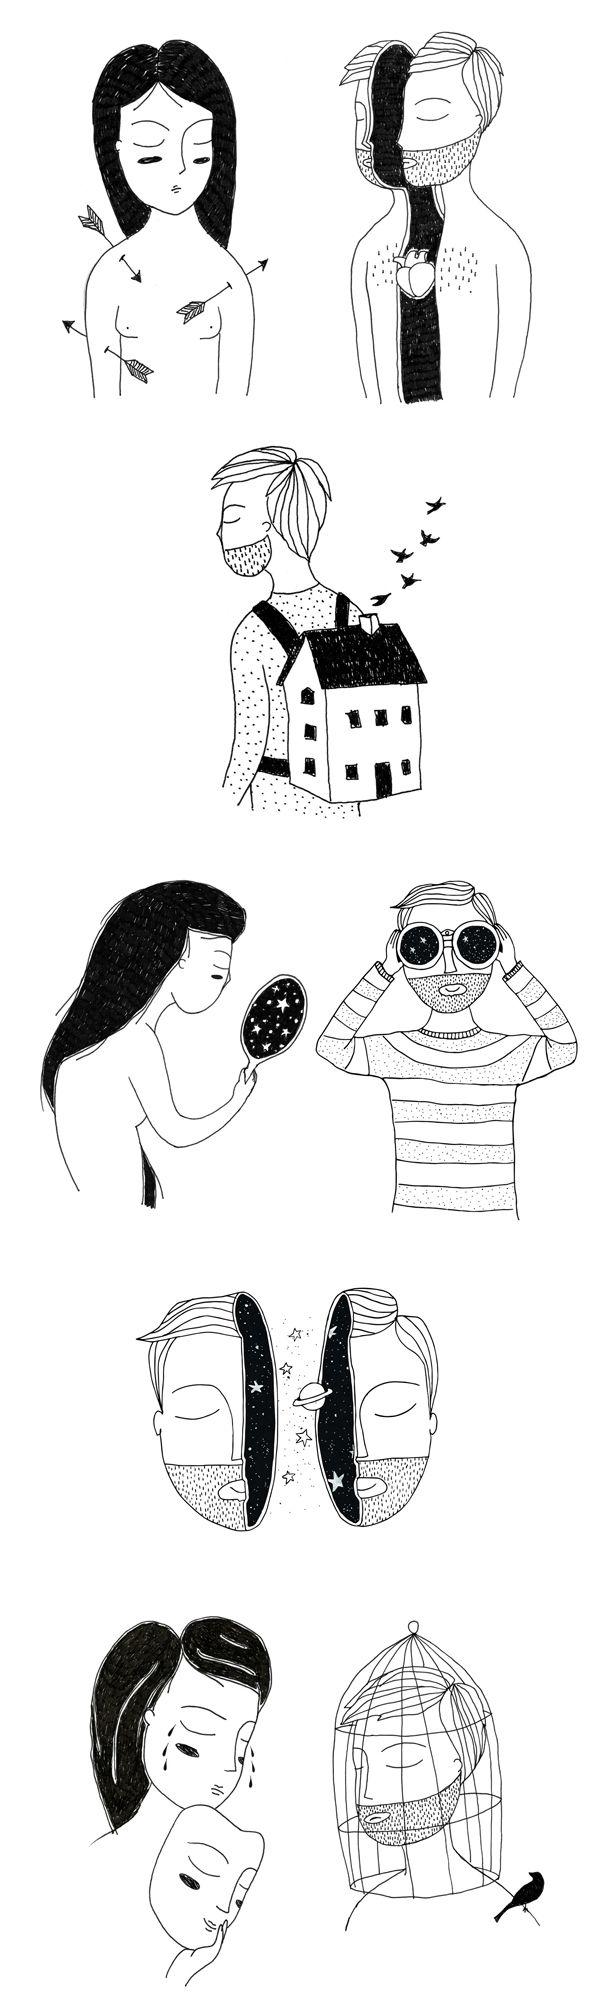 The Ordinary Young Man, um projeto ilustrado por Fernando Cobelo